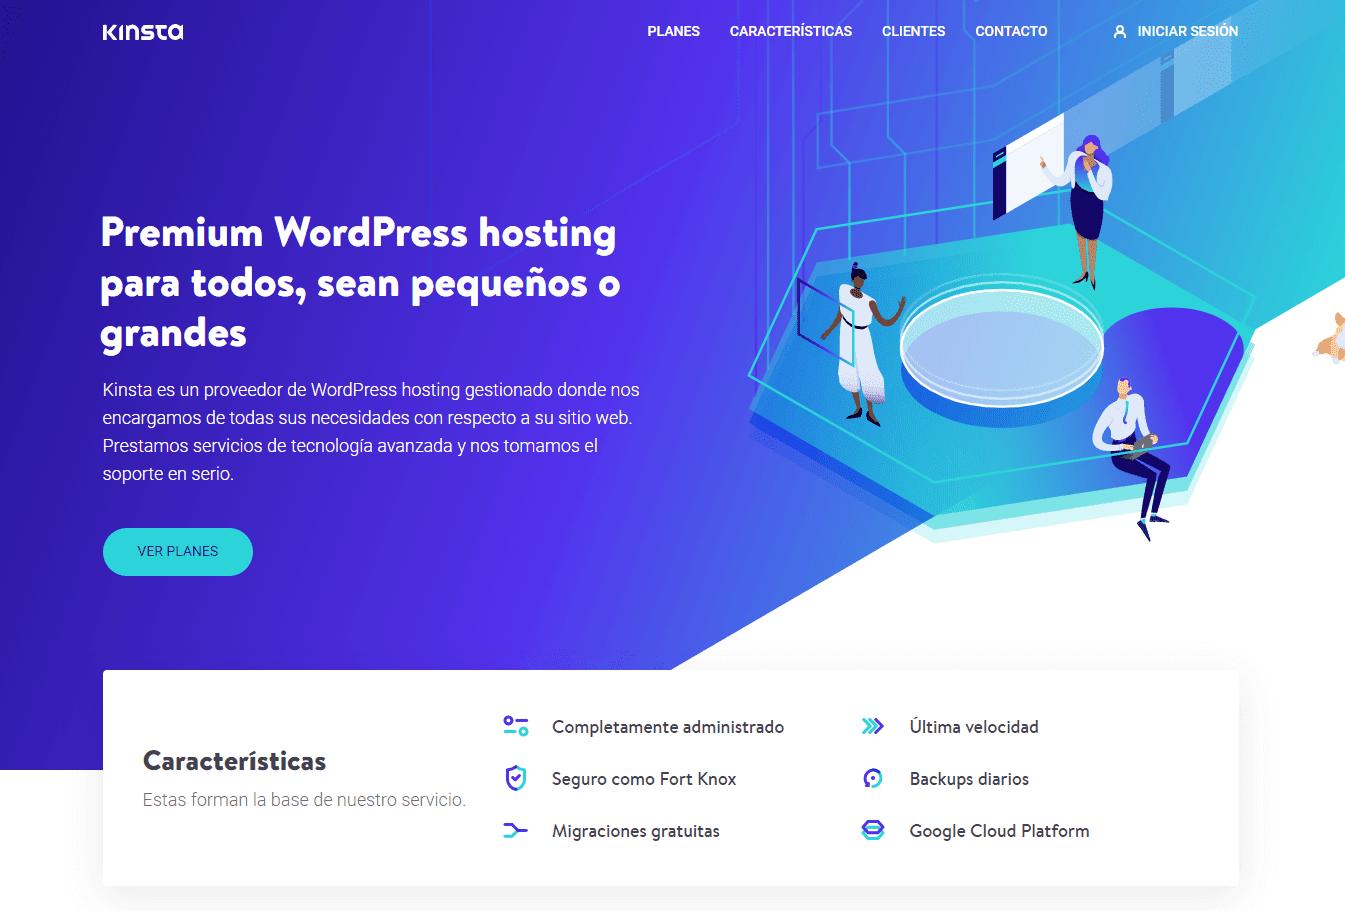 La homepage di Kinsta in spagnolo